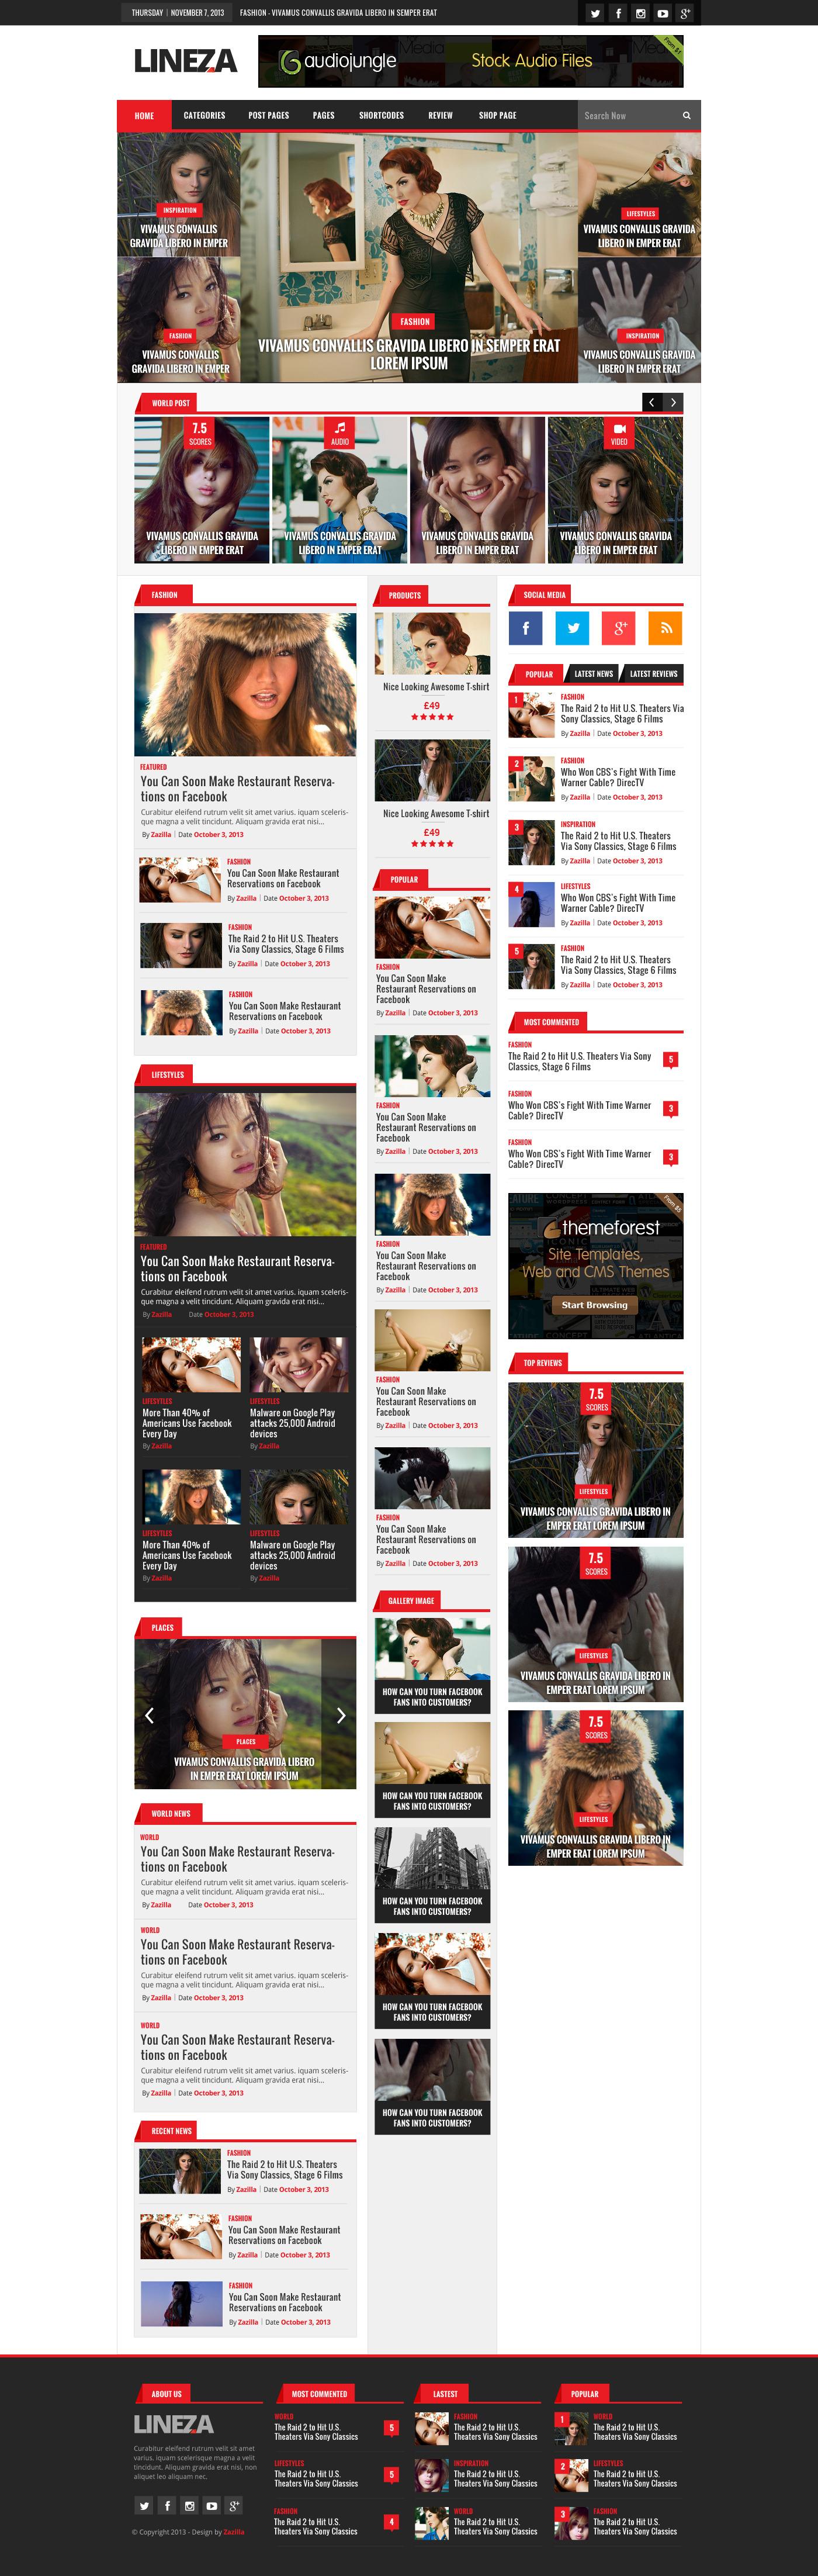 Lineza - Ultimate Unique Magazine PSD Template